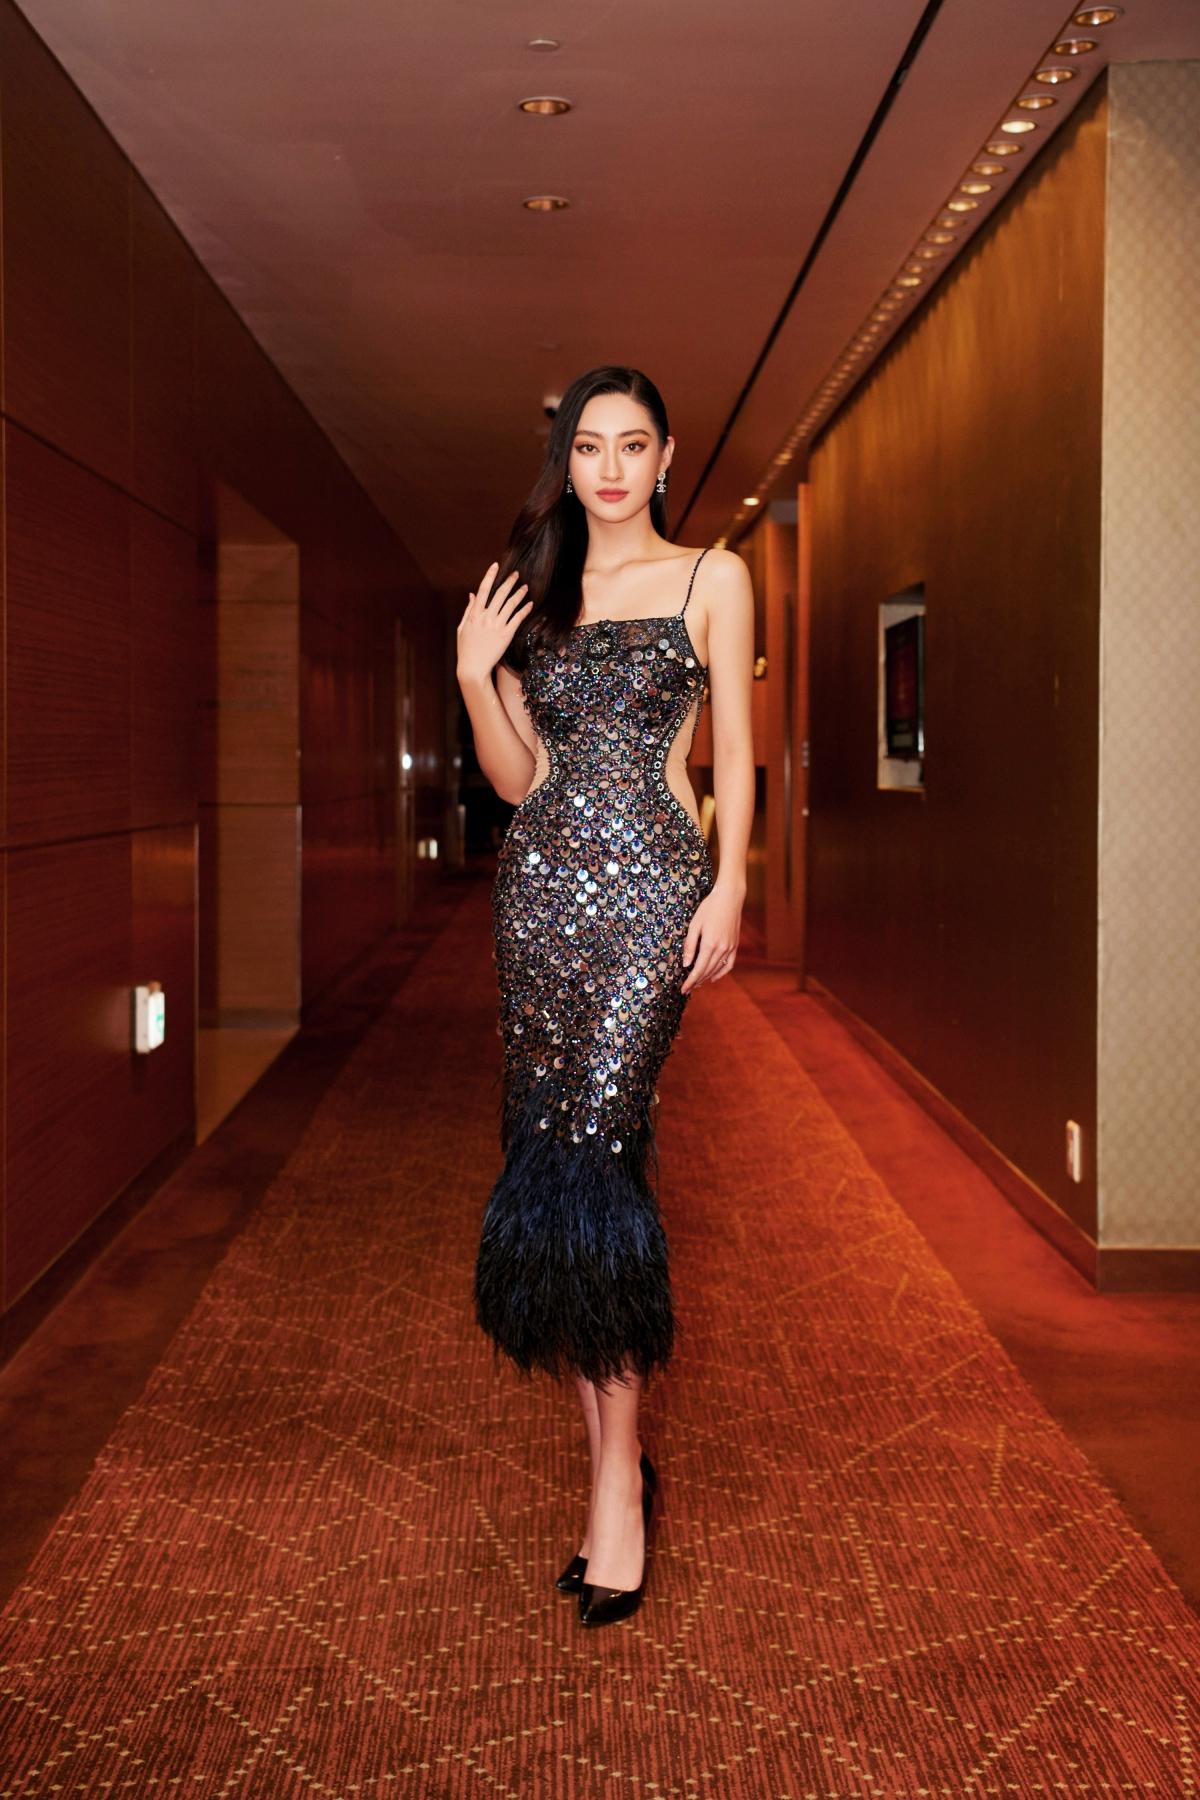 Đương kim Miss World Việt Nam Lương Thùy Linh đảm nhiệm vai trò MC song ngữ Anh - Việt lưu loát qua phần dẫn dắt chương trình vô cùng hoàn hảo.